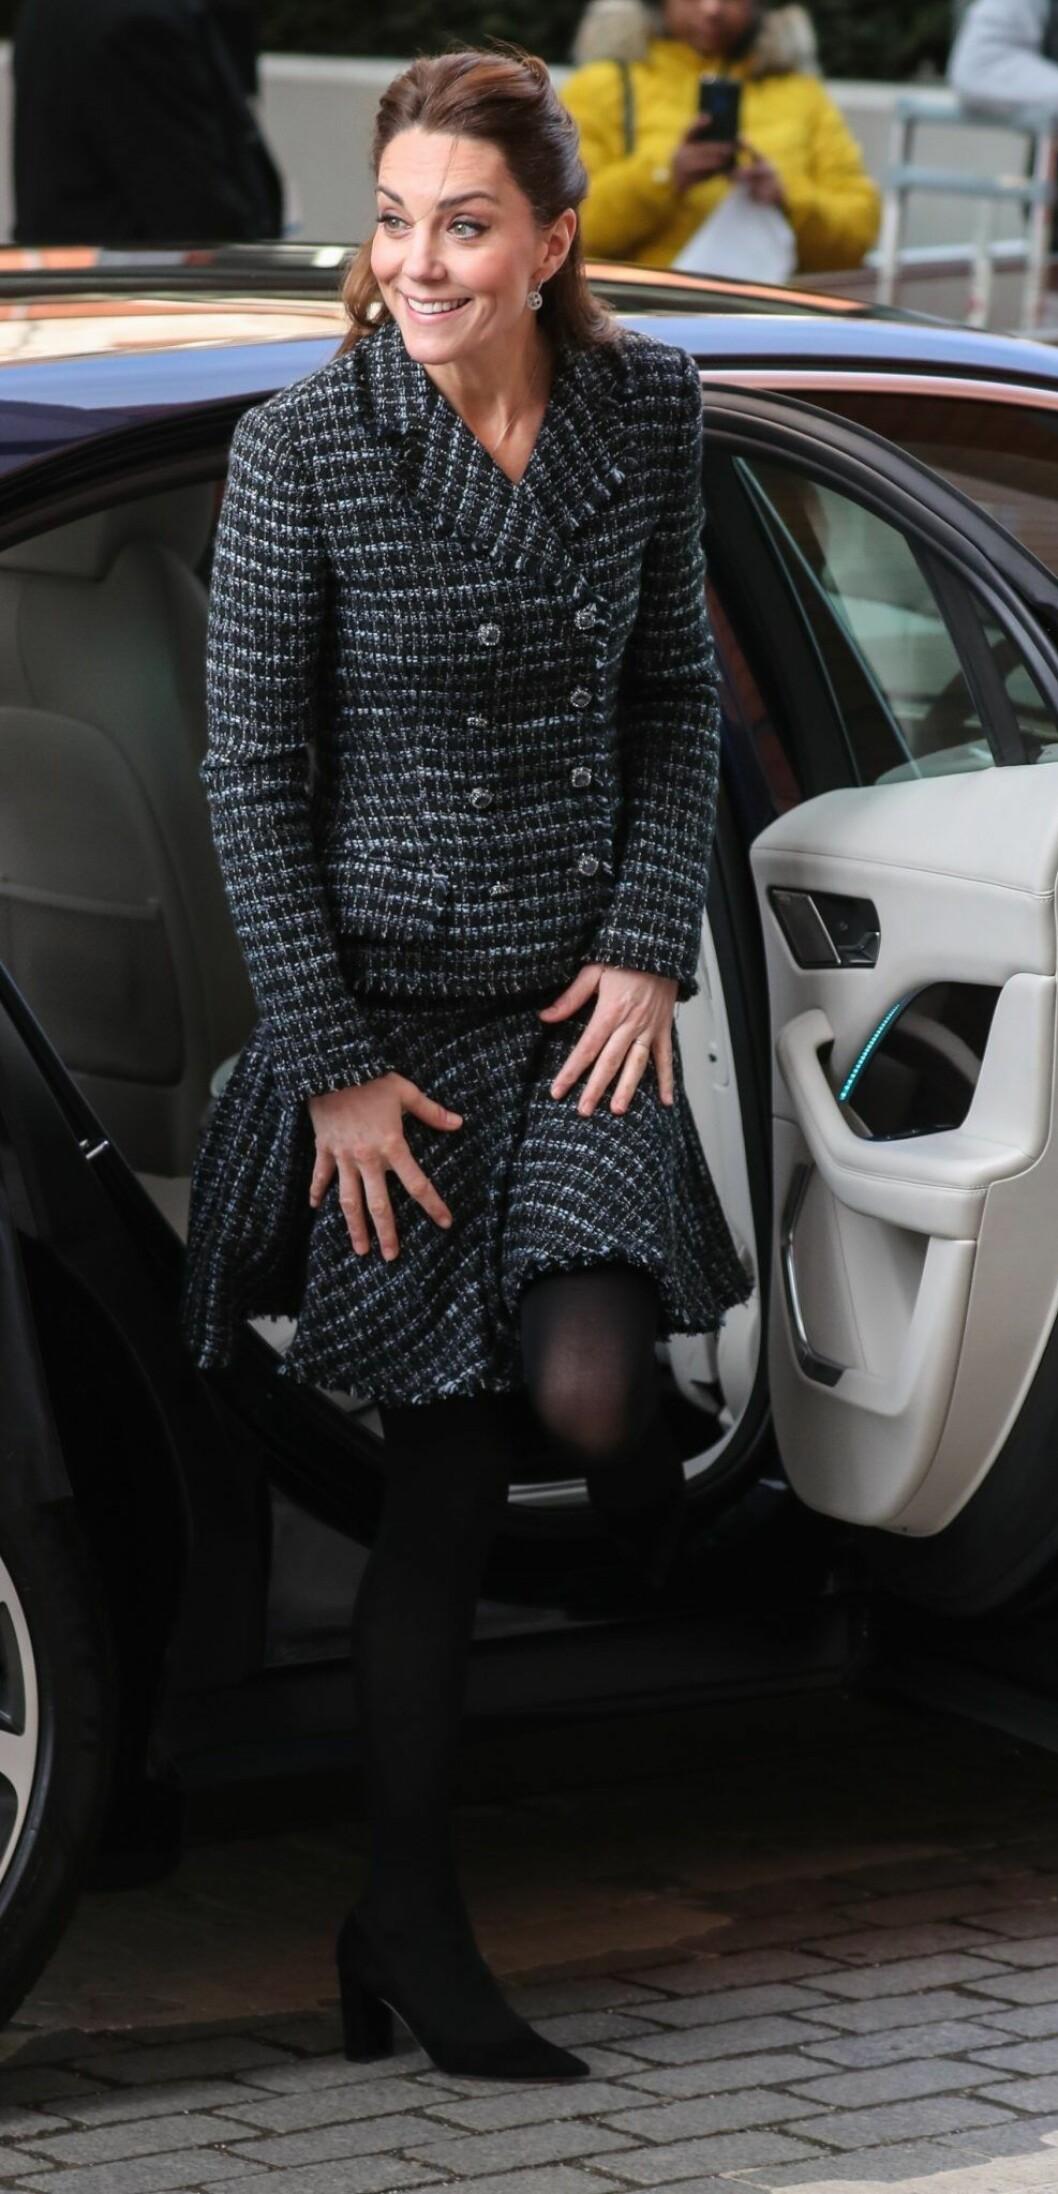 På bilderna syns det tydligt att Kate Middleton inte bär sin förlovningsring.